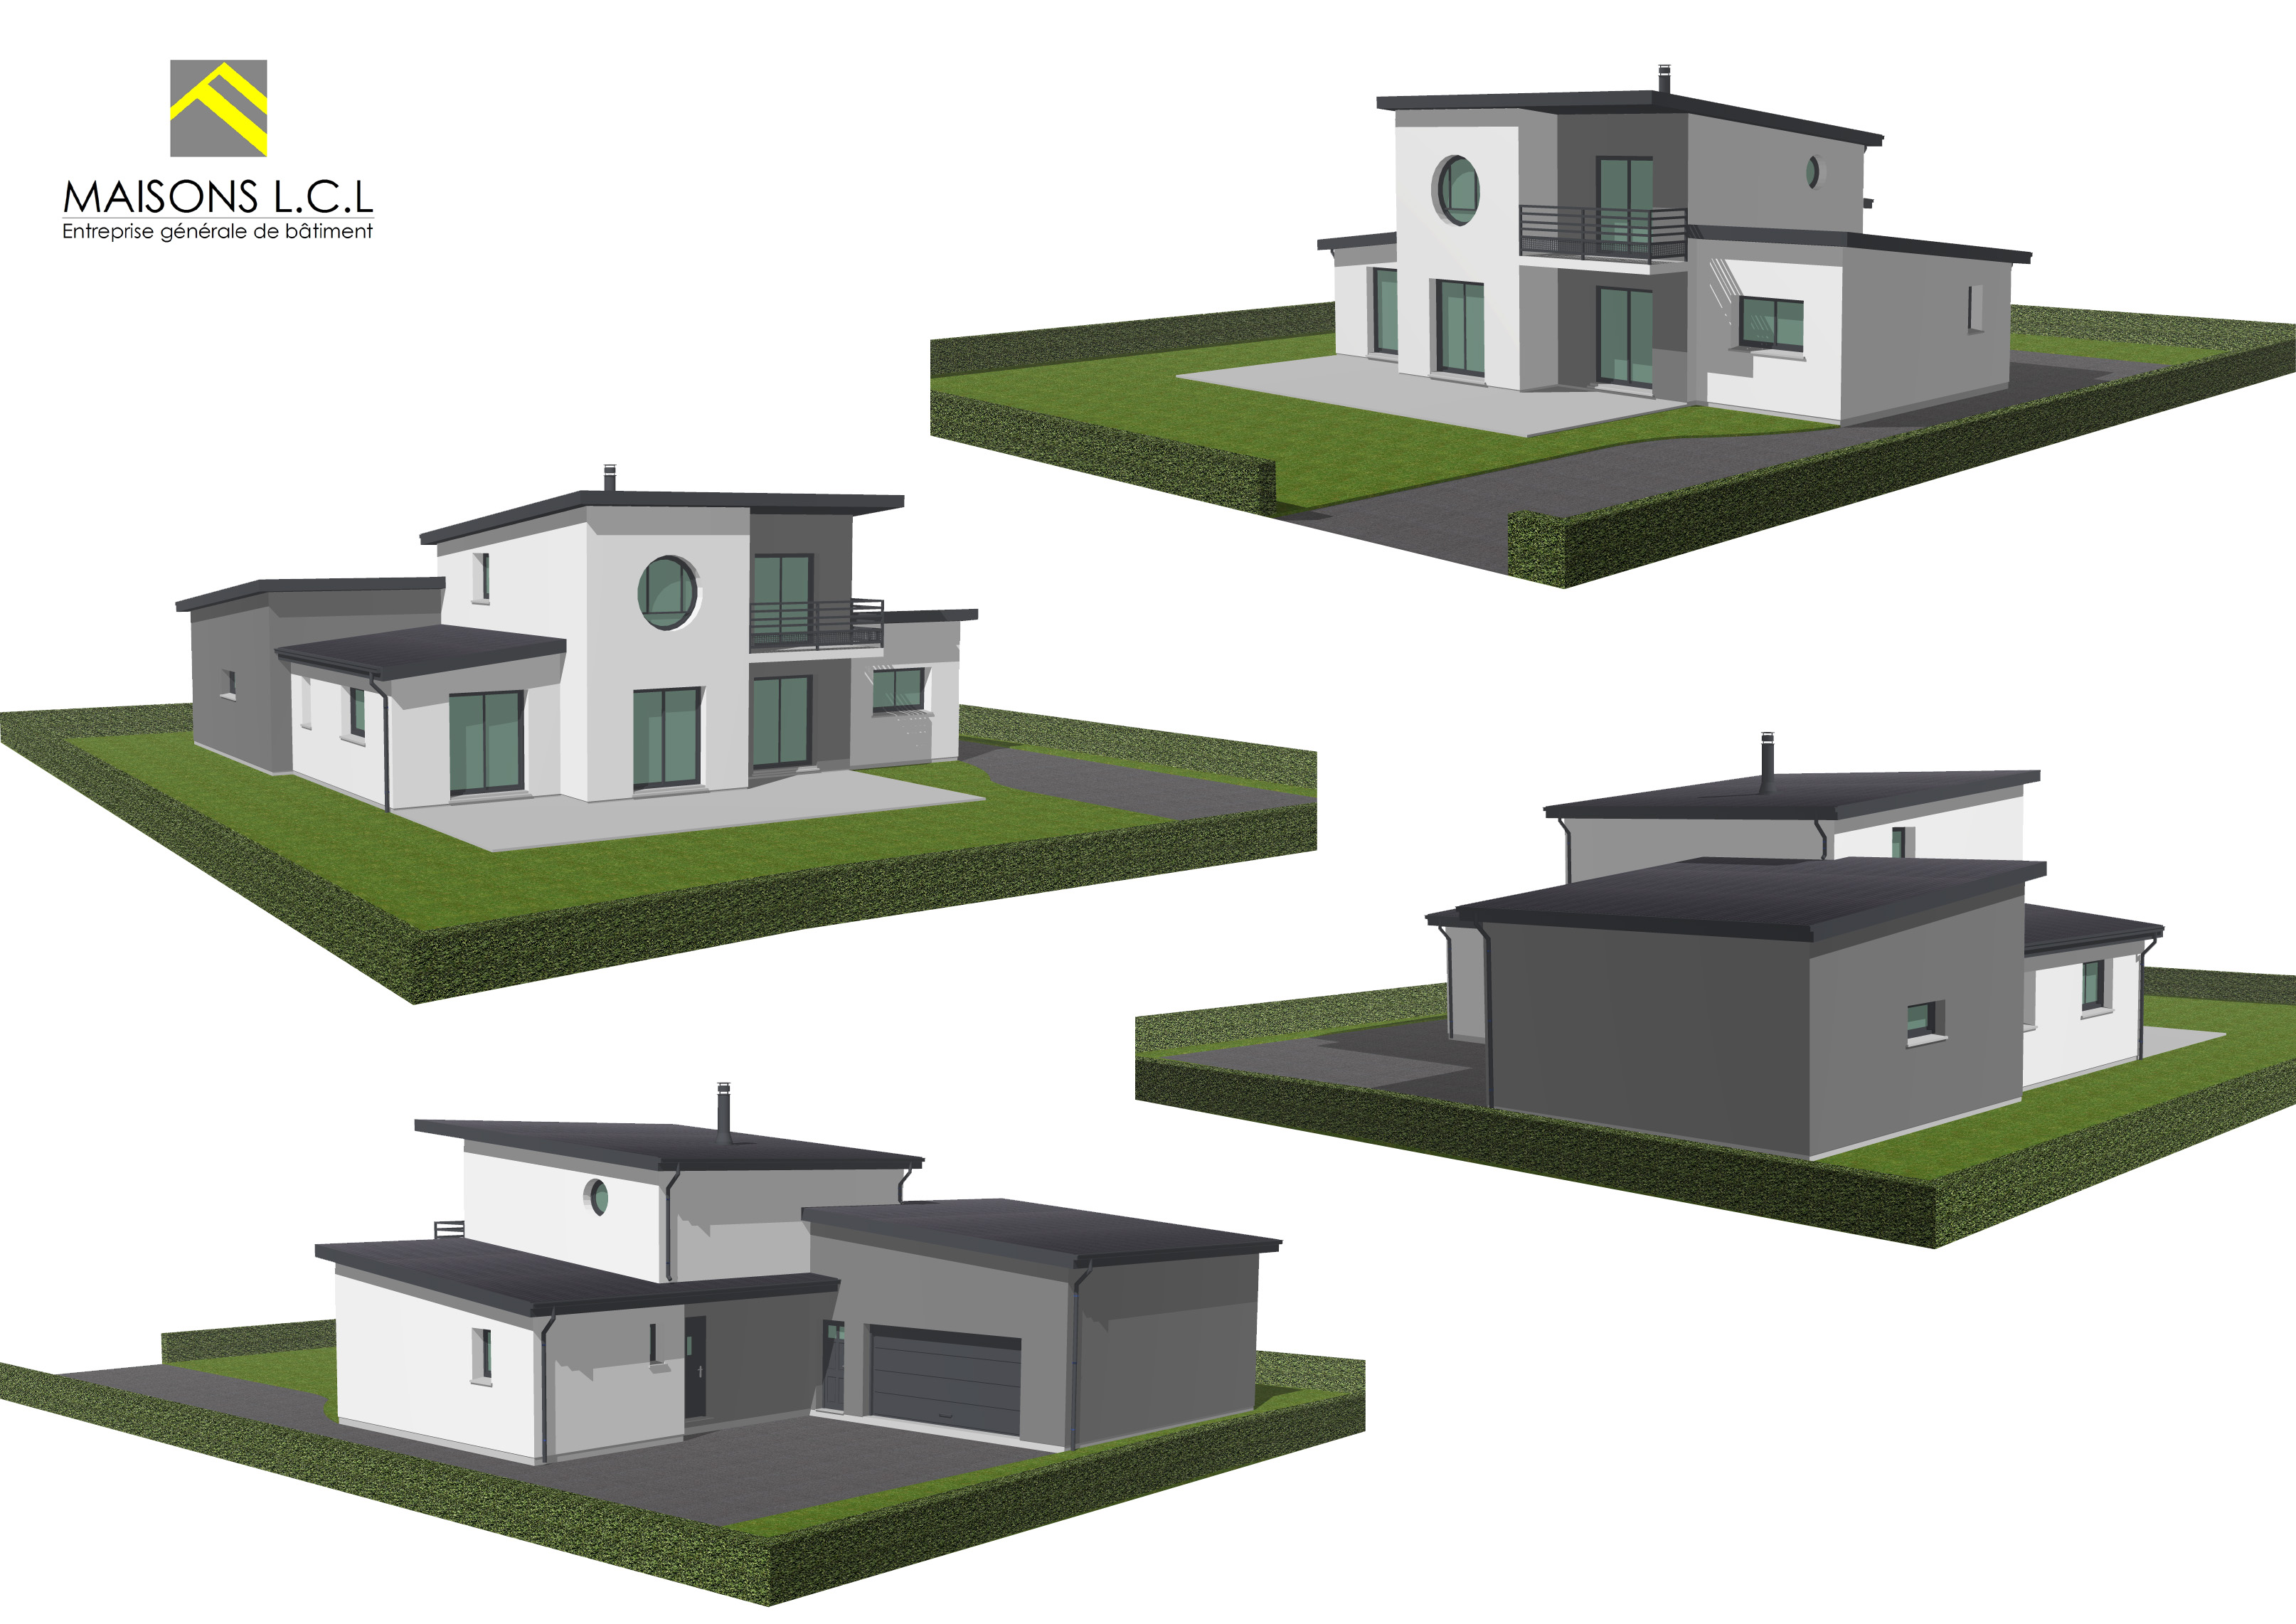 Maison Moderne 3d Maisons Lcl Entreprise G N Rale De